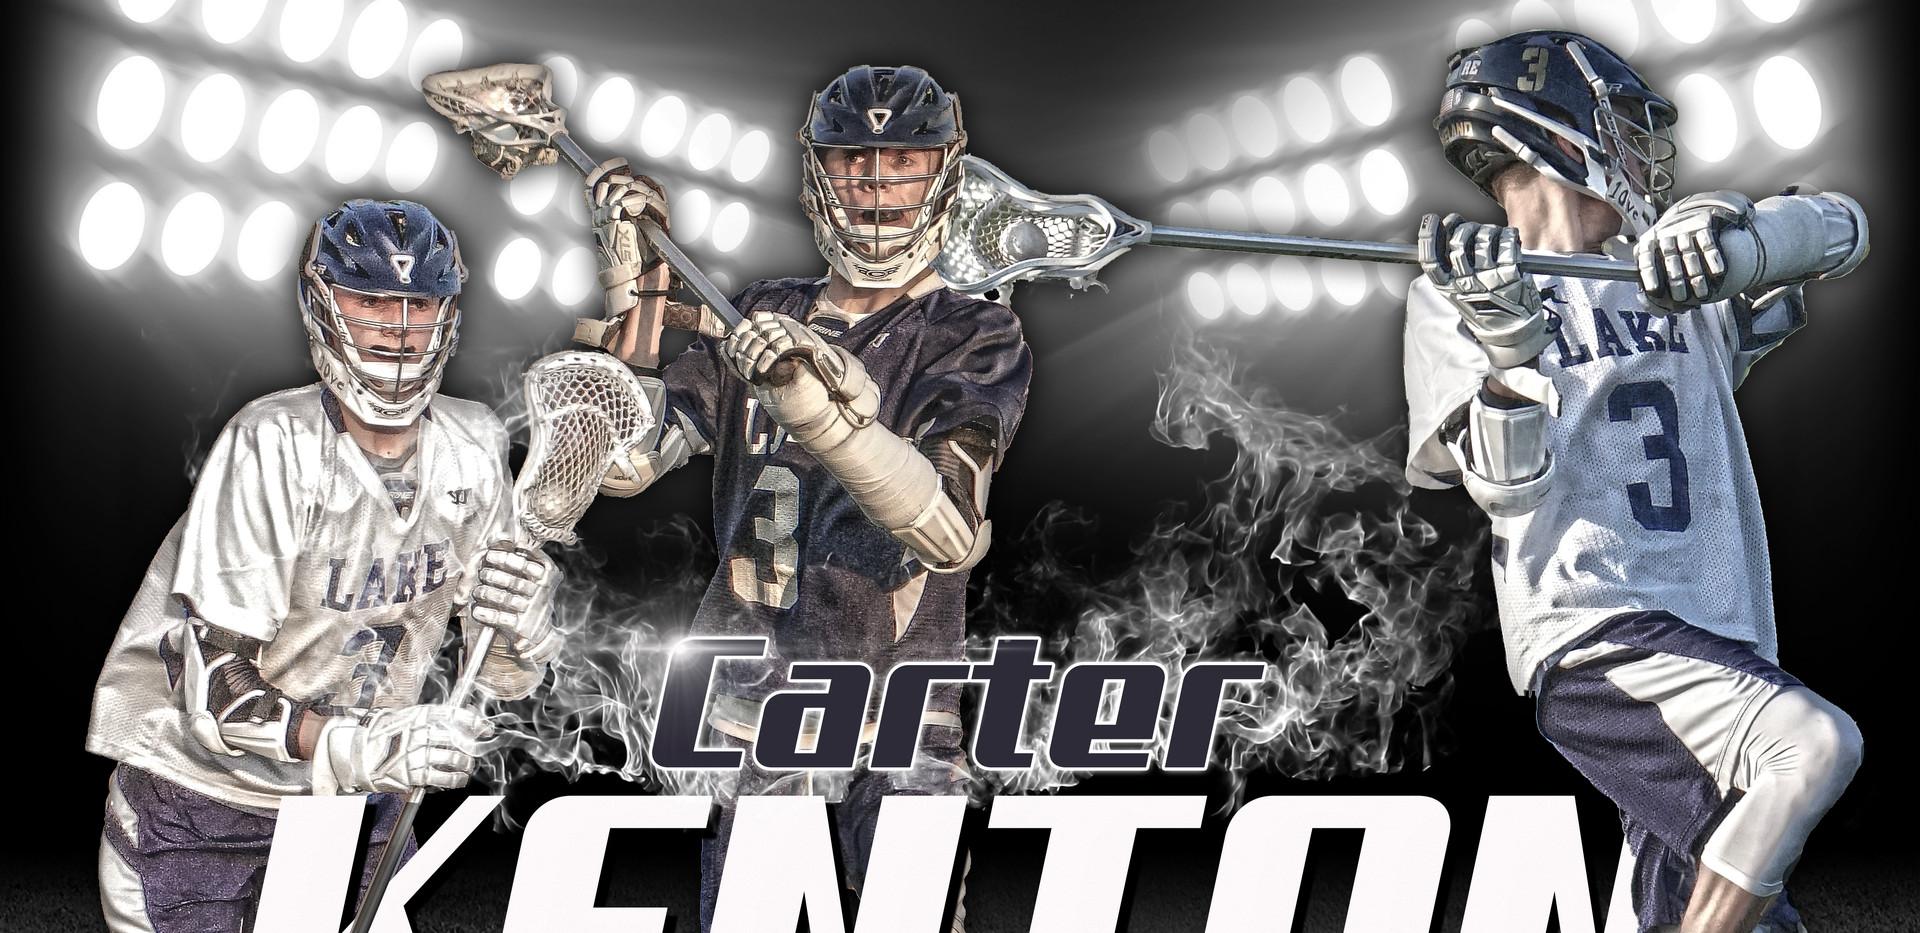 carter kenton lax poster2.jpg